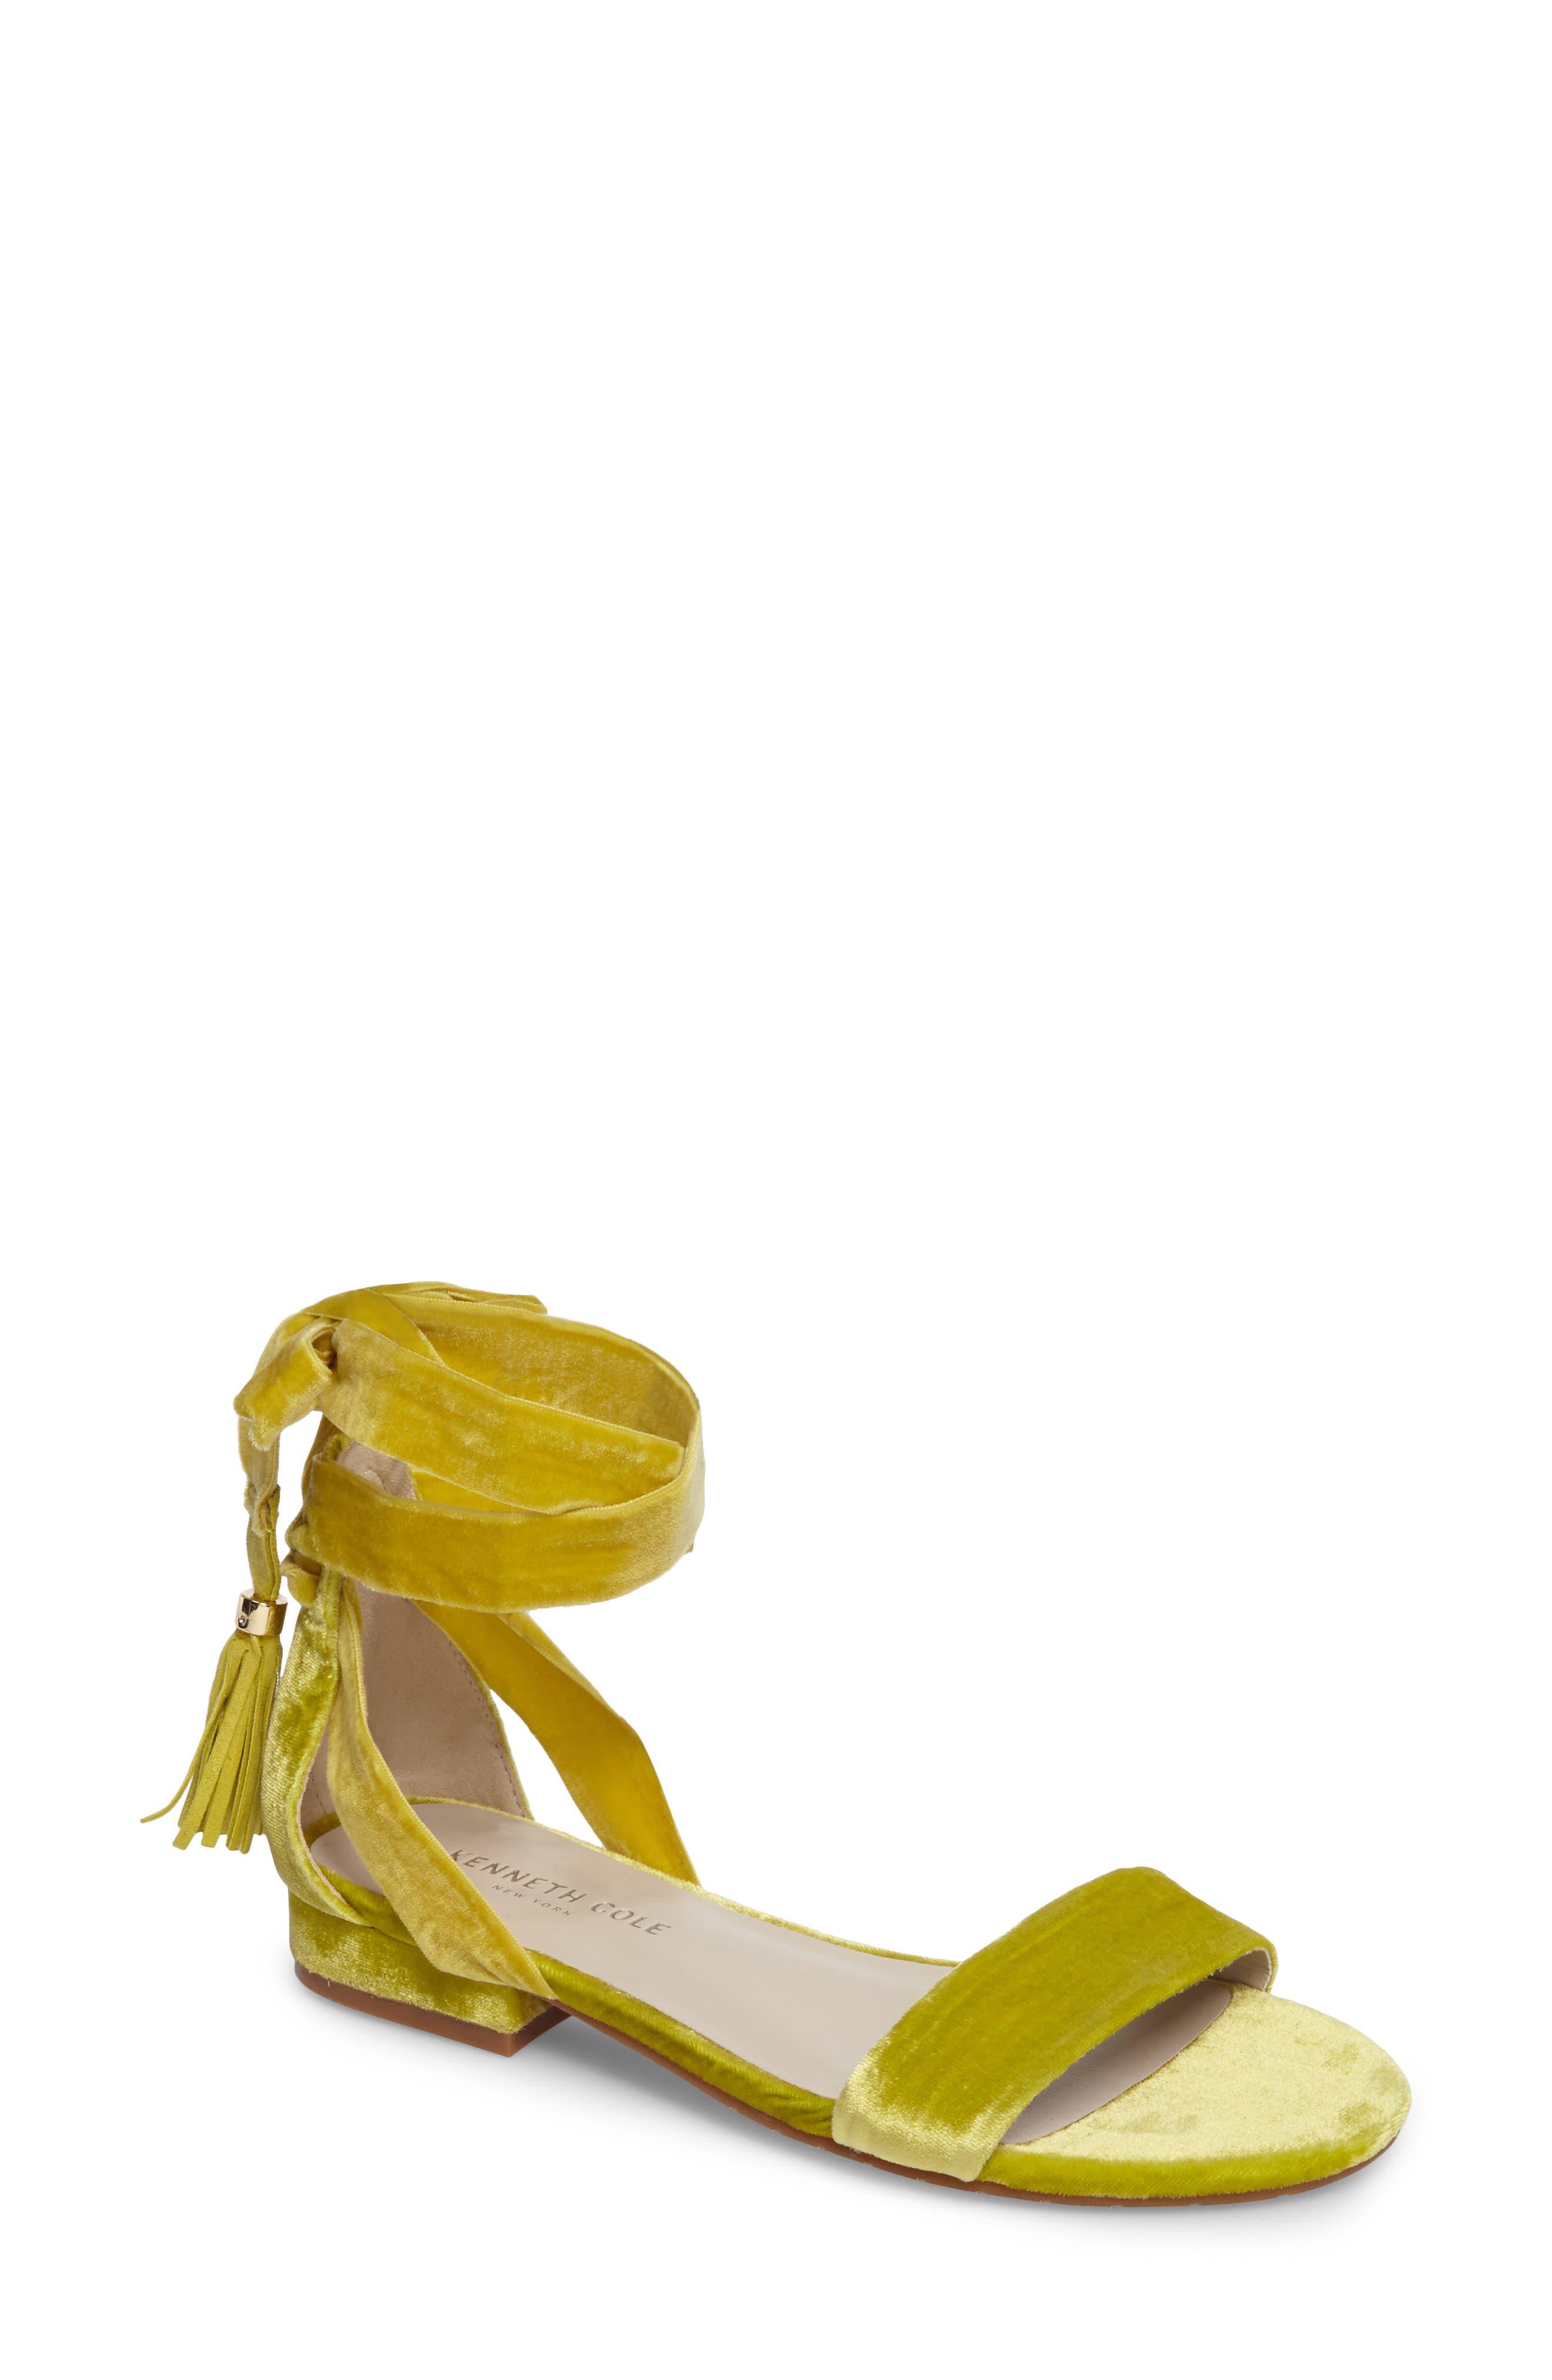 Valen Tassel Lace-Up Sandal,                             Main thumbnail 7, color,